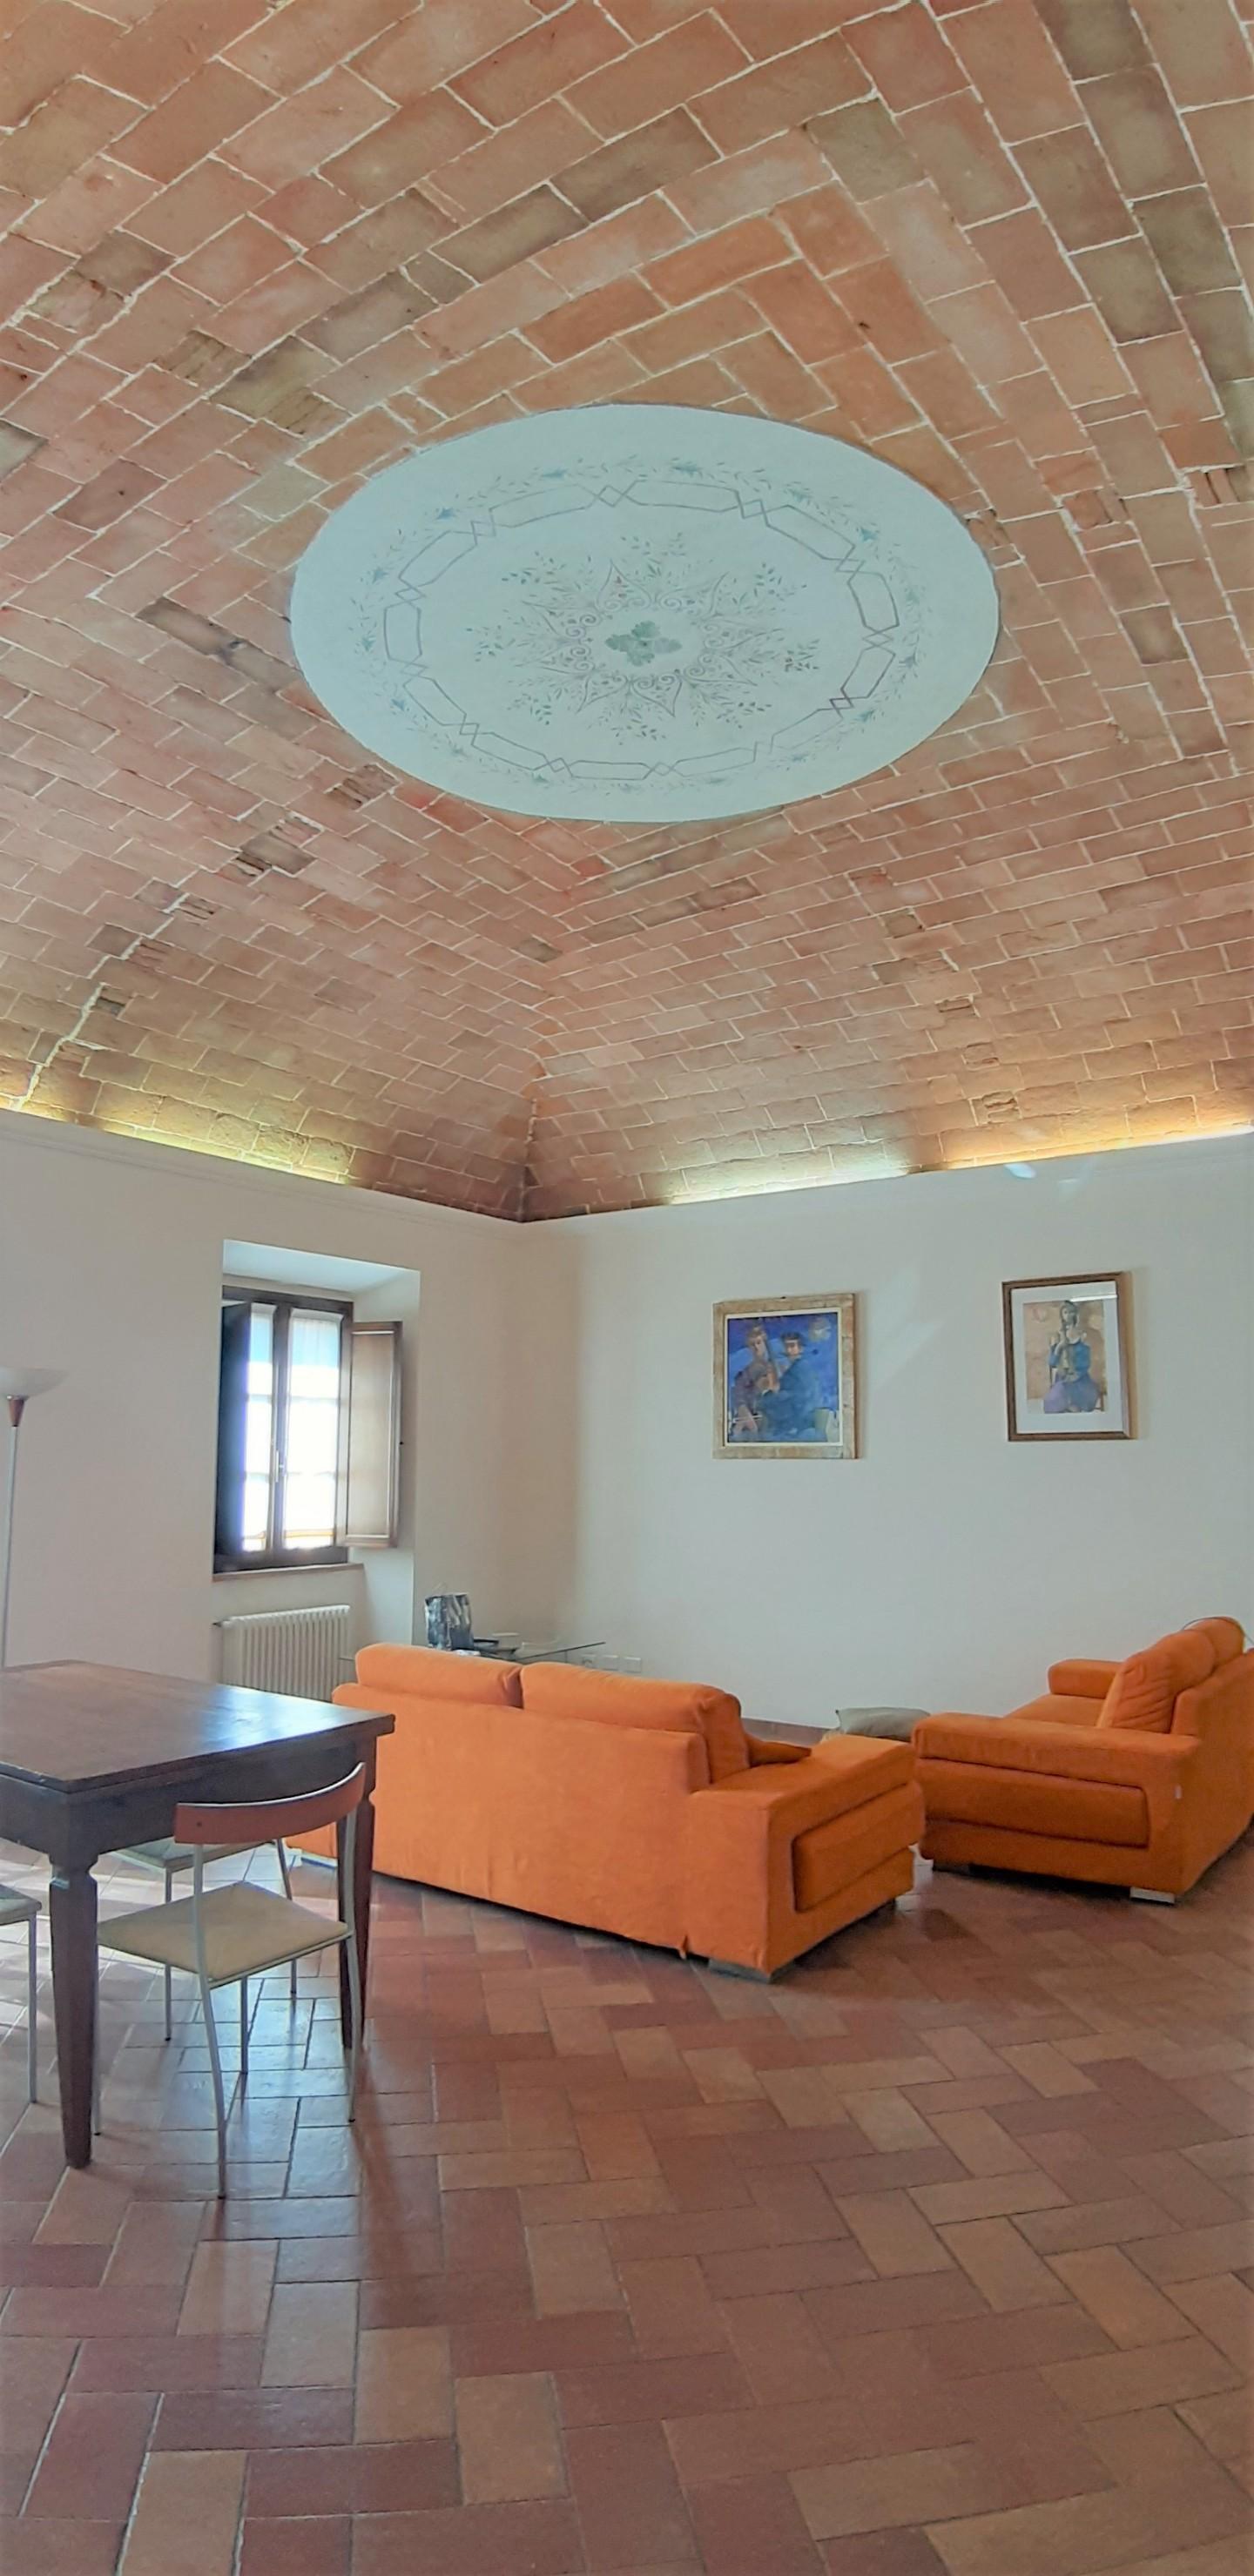 Attico / Mansarda in vendita a Colle di Val d'Elsa, 7 locali, prezzo € 275.000 | PortaleAgenzieImmobiliari.it